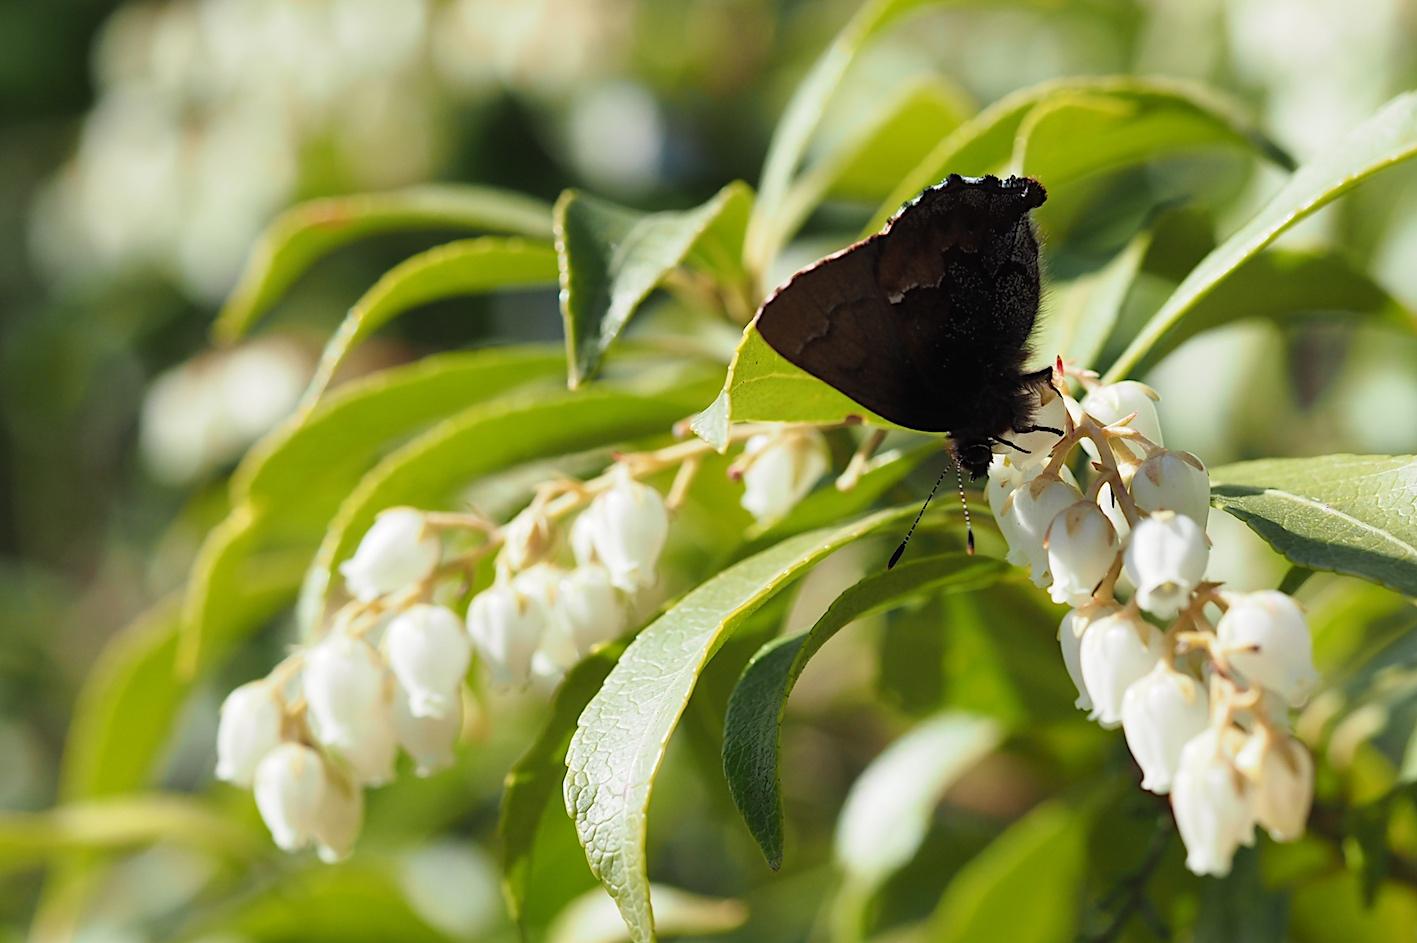 アセビにくる蝶たち、コツバメ(2019年3月27日)_d0303129_14192754.jpg